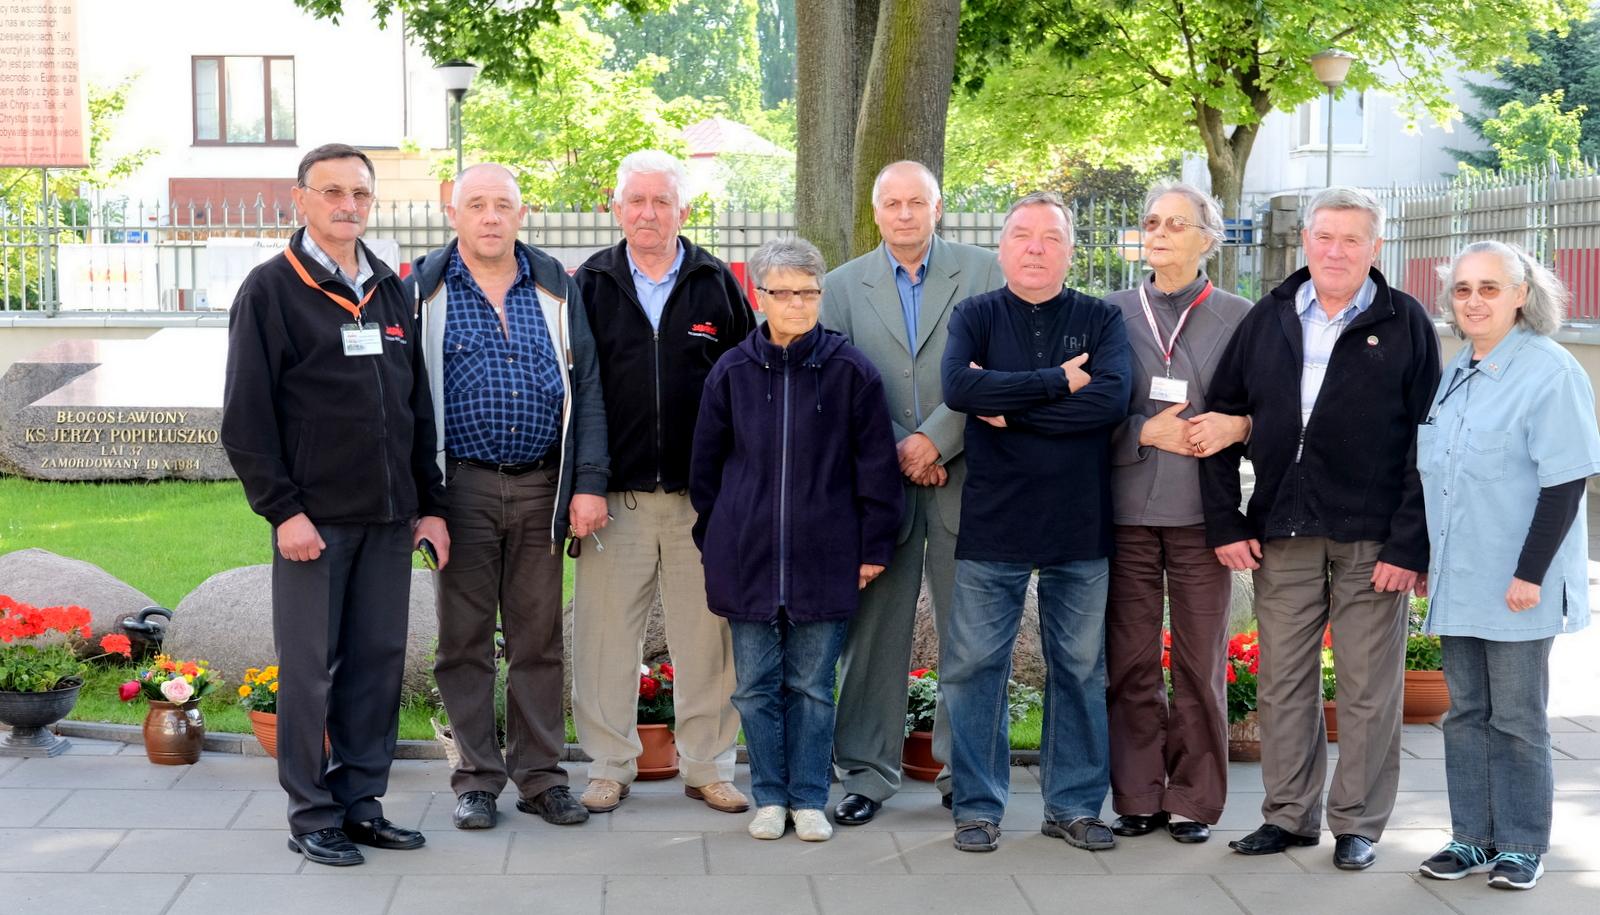 Stowarzyszenie pełniło straż przy grobie bł. J. Popiełuszki 22-23.06.2017 r.